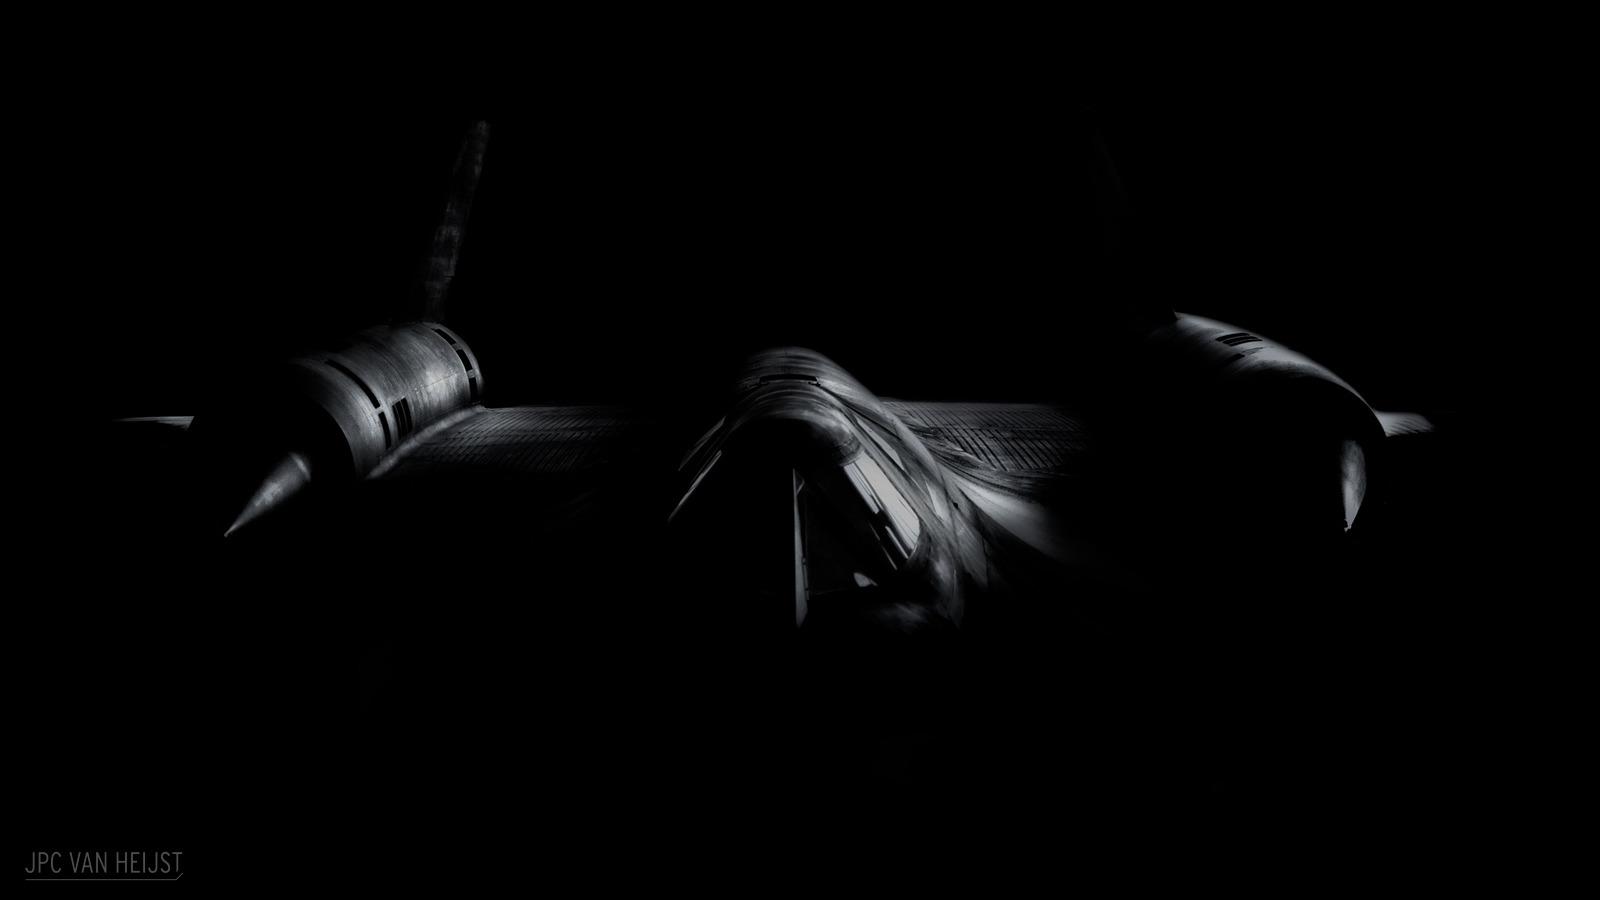 SR-71 Blackbird - Legend of the skies (4 minute read)